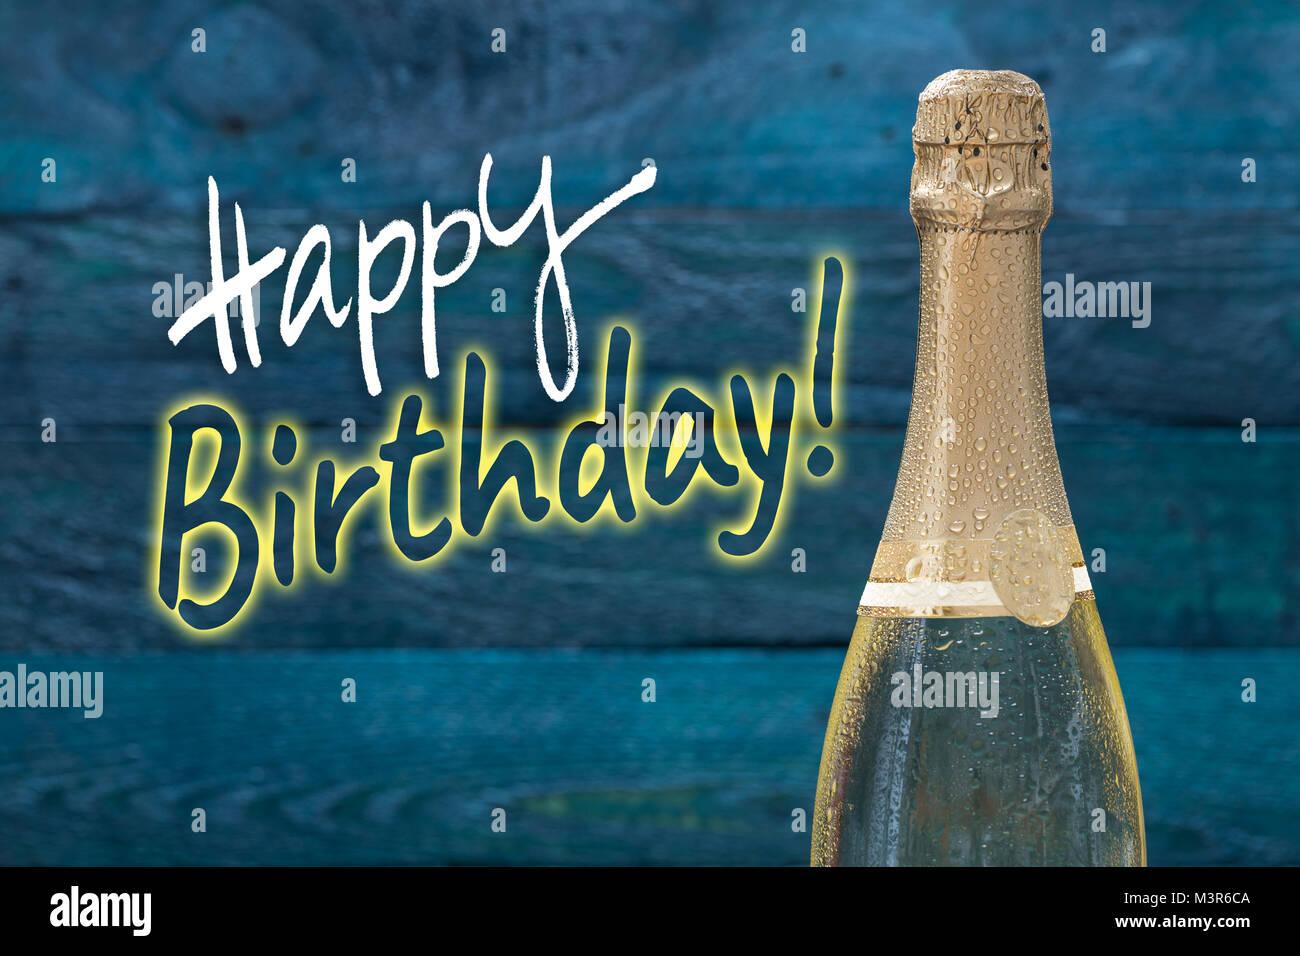 Buon Compleanno Bottiglia Di Champagne Con Gocce Di Acqua Contro Una